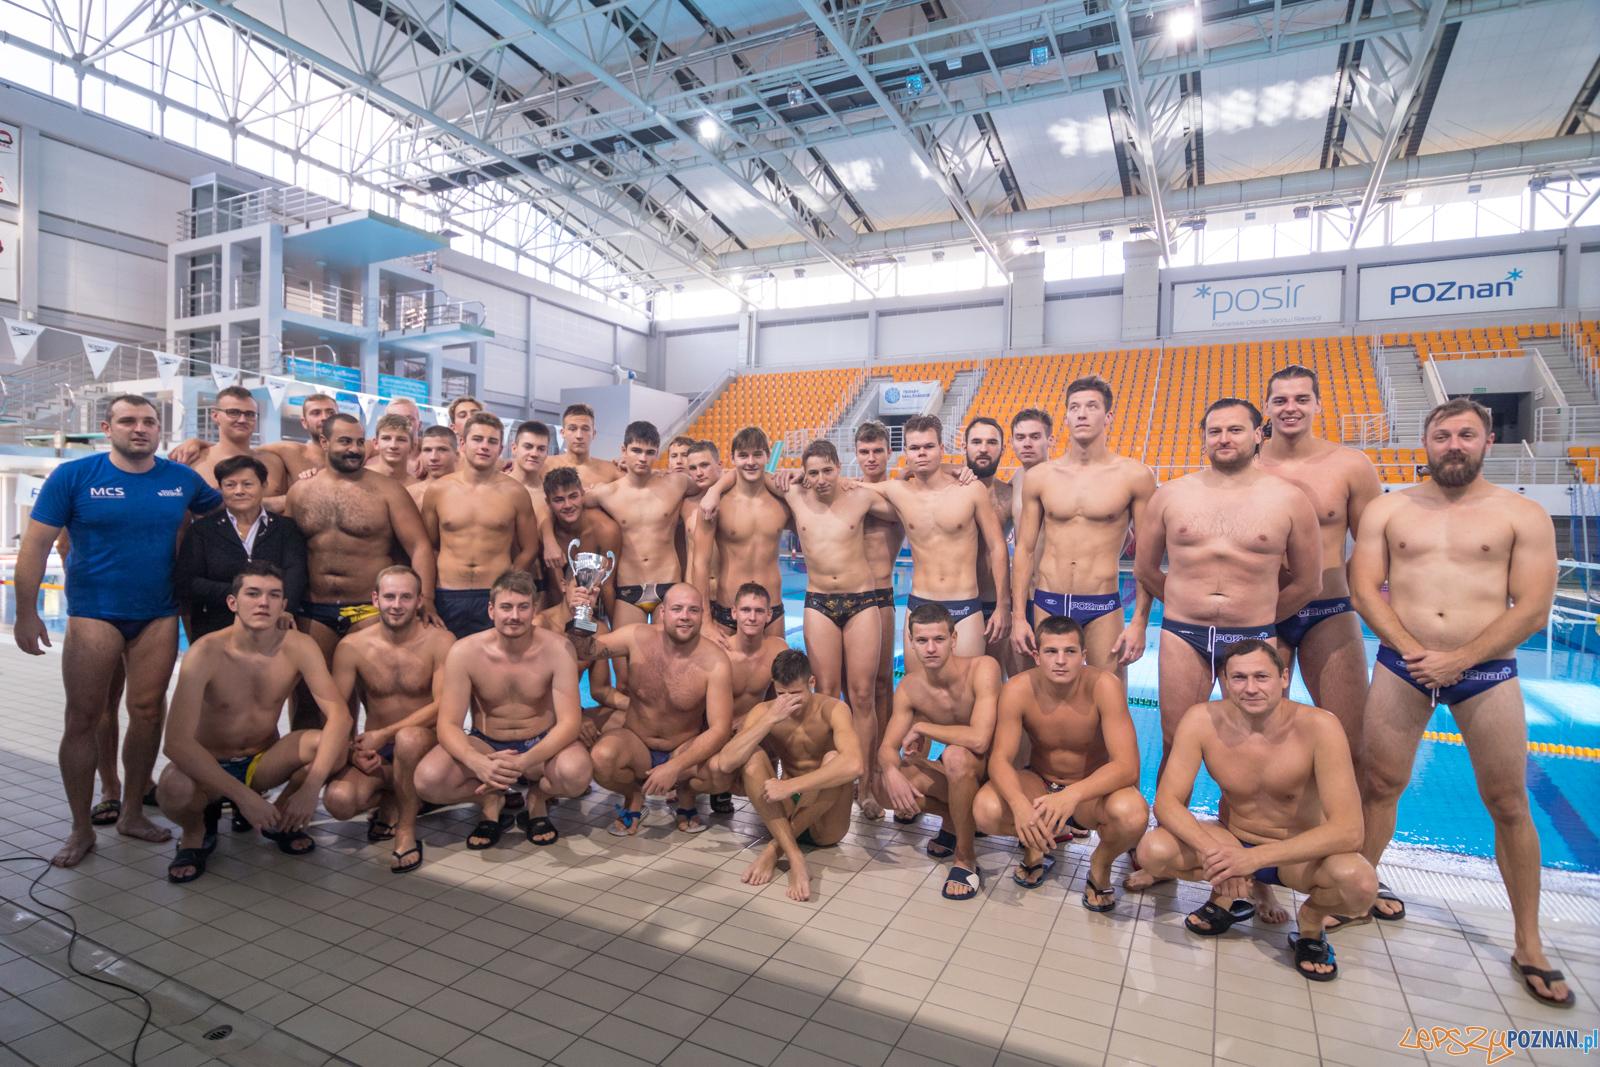 Malta Waterpolo Cup 2019  Foto: lepszyPOZNAN.pl/Piotr Rychter